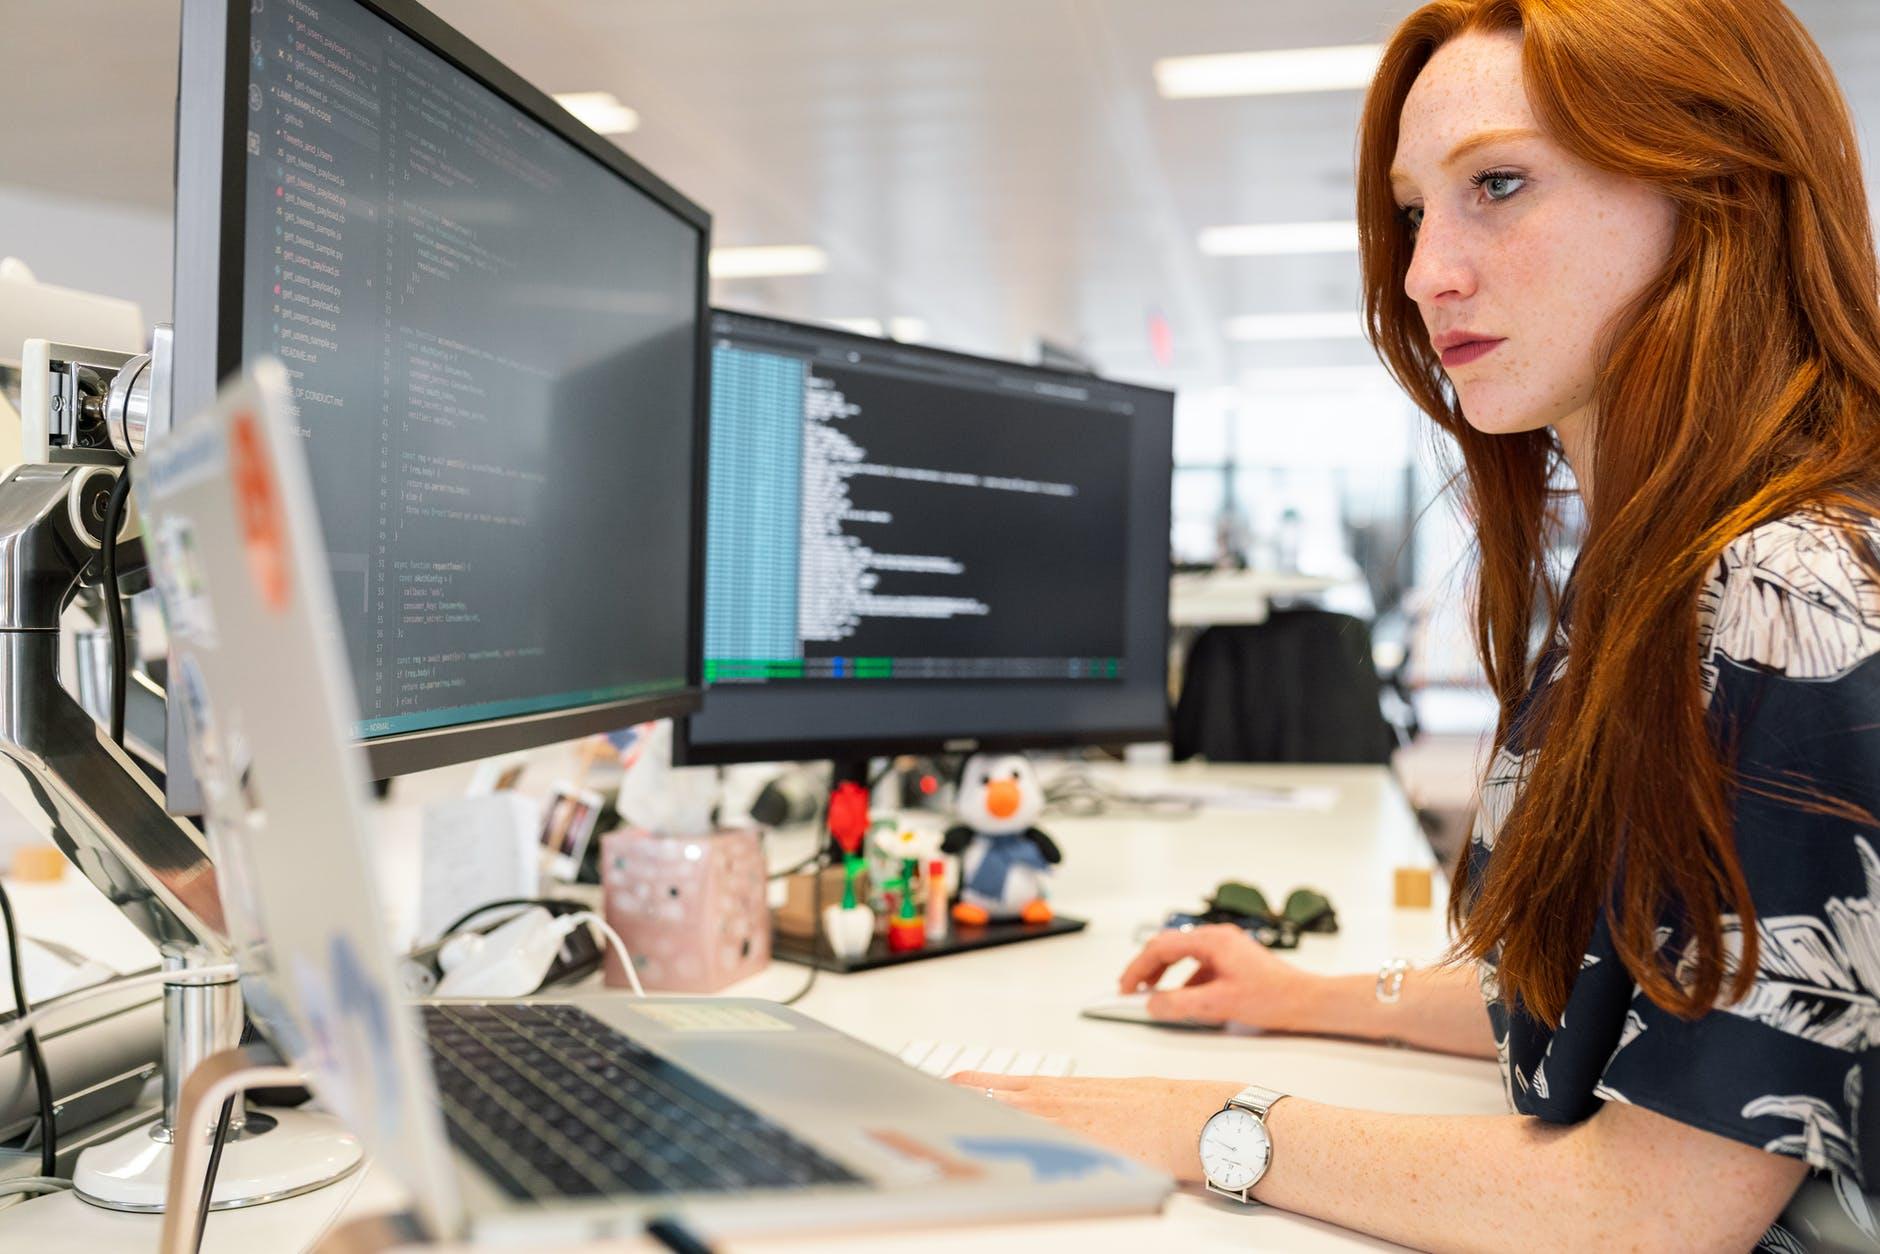 Brecha salarial: mujeres ganan 24% menos que varones